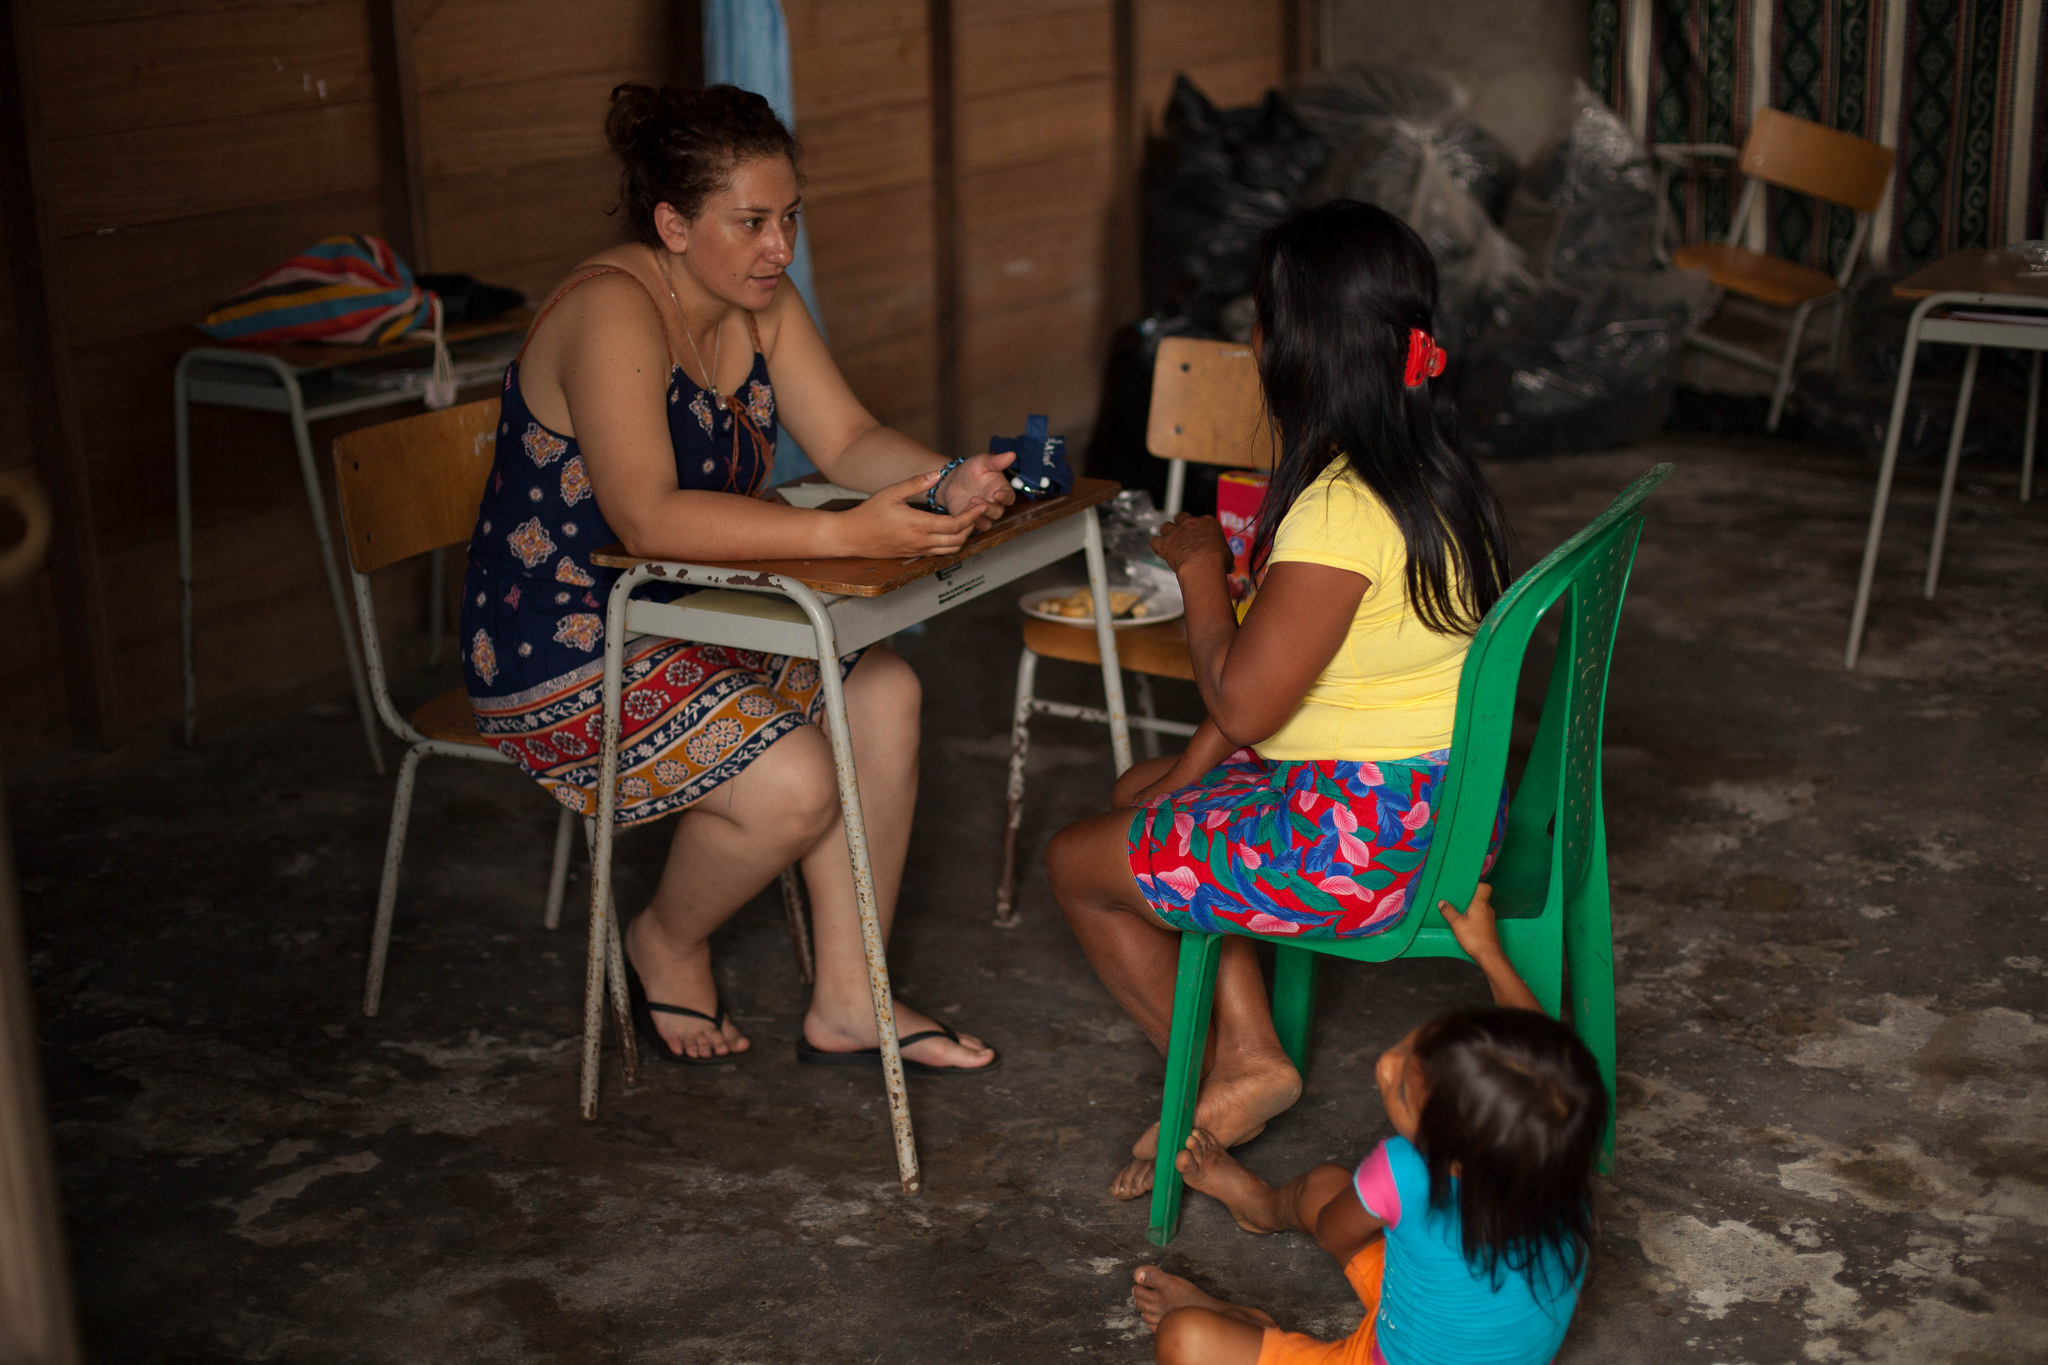 En Jurubirá, en el municipio de Nuquí, su población responde con sonrisas a quienes ponen un pie en su tierra. Foto: APC Colombia.